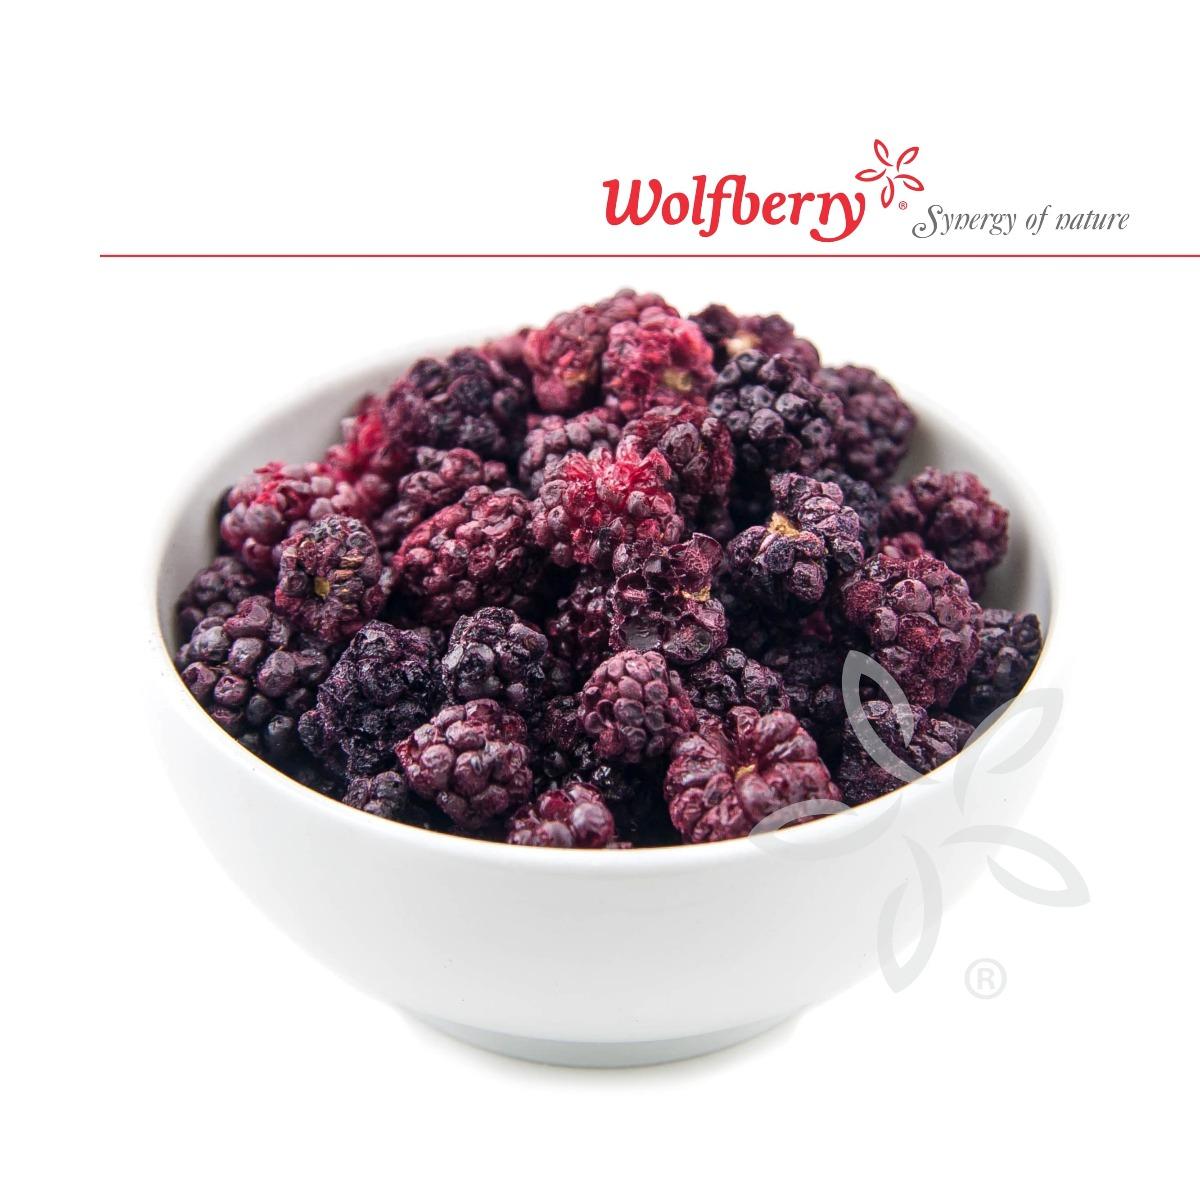 Černice lyofilizované - Wolfberry